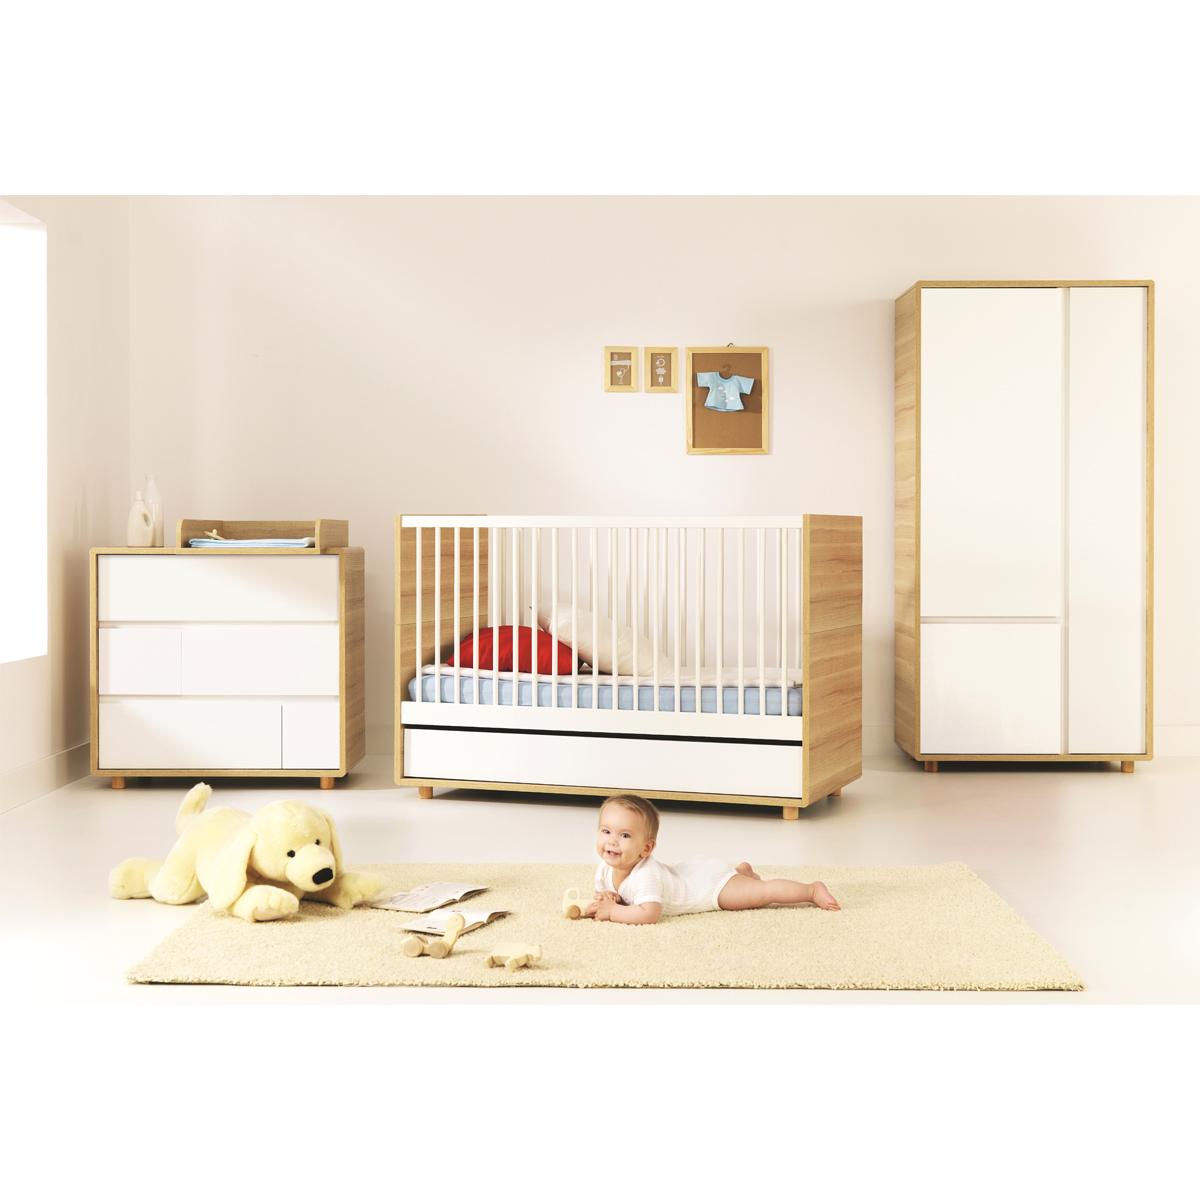 Chambre complète lit évolutif 70x140 - commode à langer - armoire 2 portes Vox Evolve - Bois